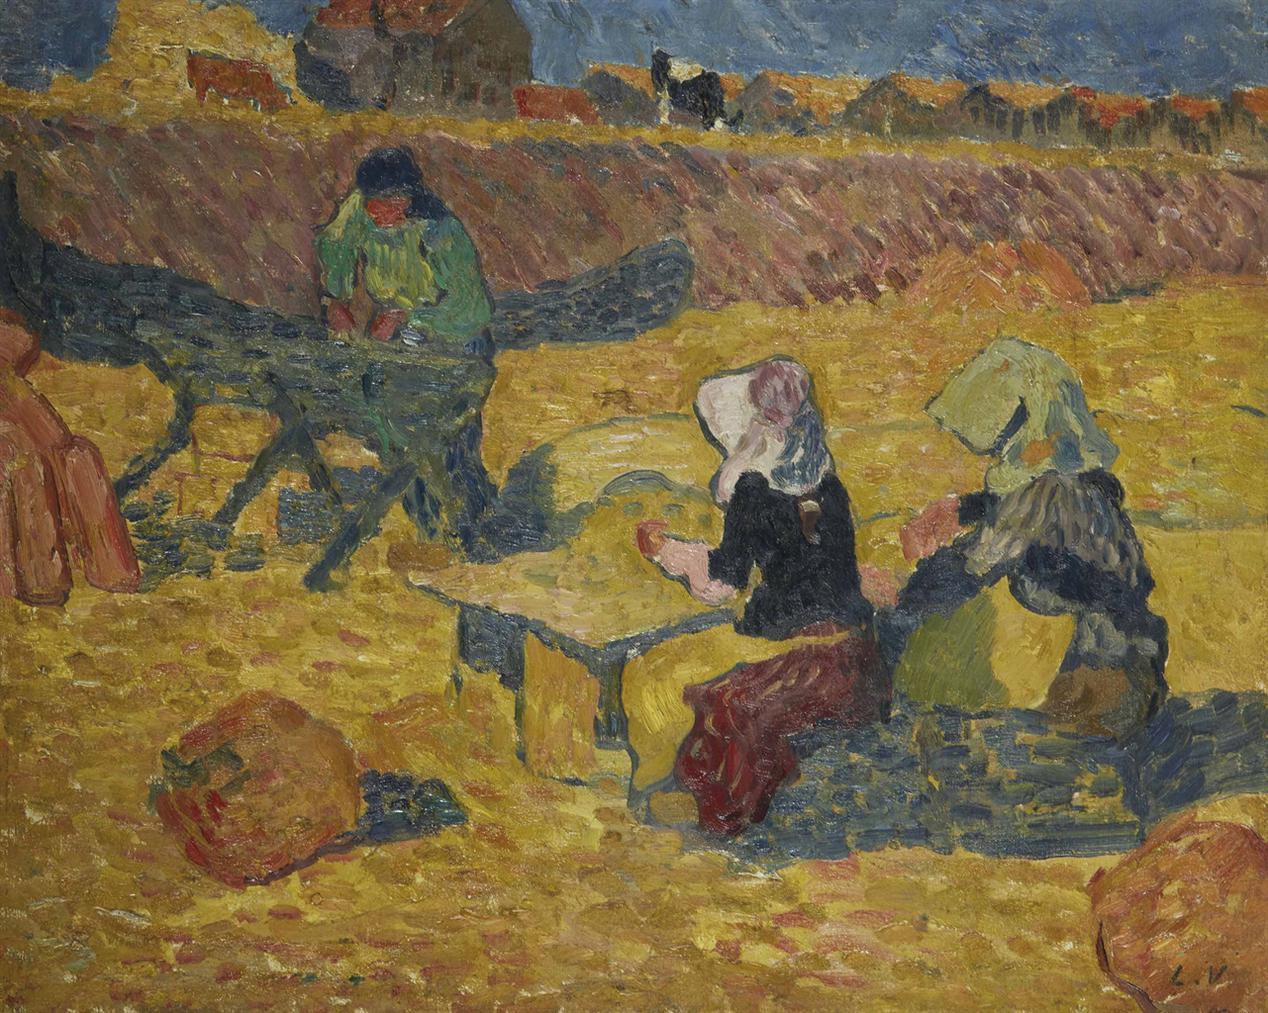 Louis Valtat-Les Ecailleres Dhuitres A Arcachon-1896